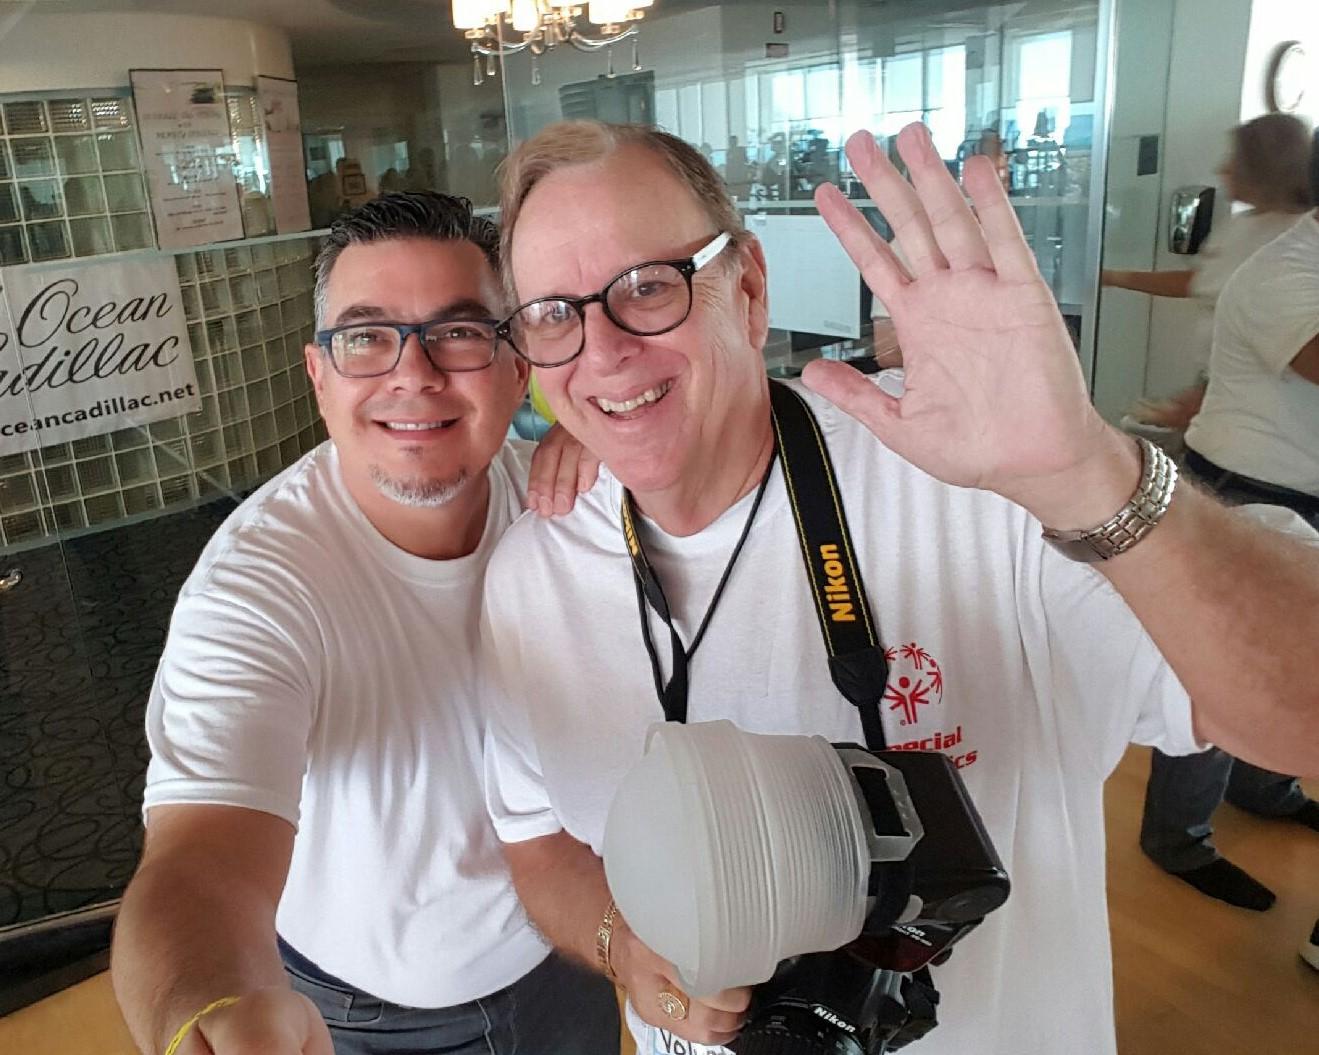 Miami Special Olympics